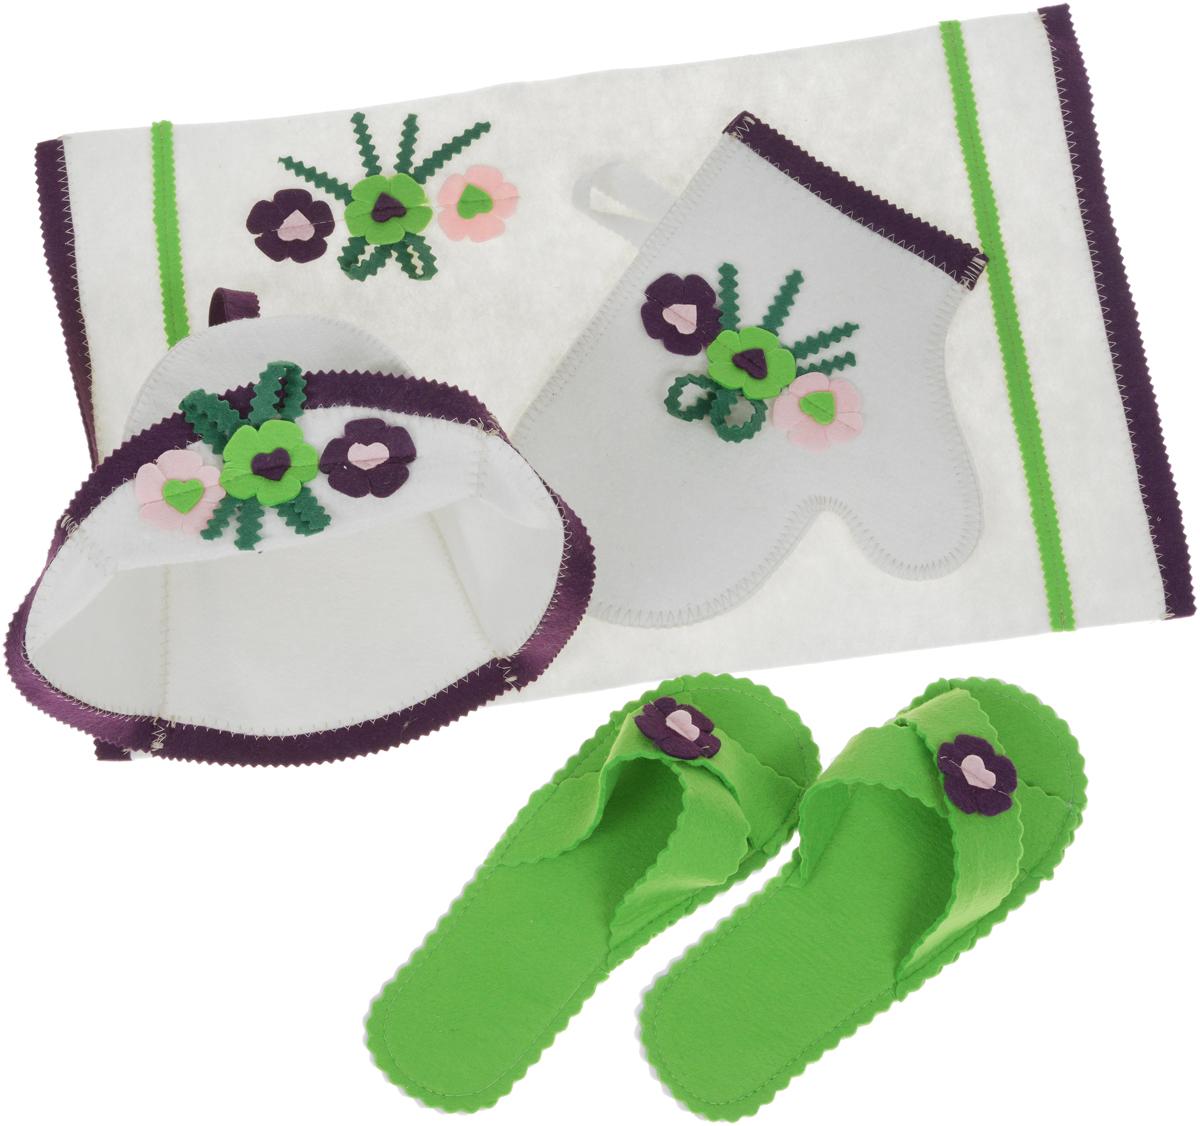 """Набор для бани и сауны Доктор баня """"Весна"""", цвет: белый, зеленый, 4 предмета"""